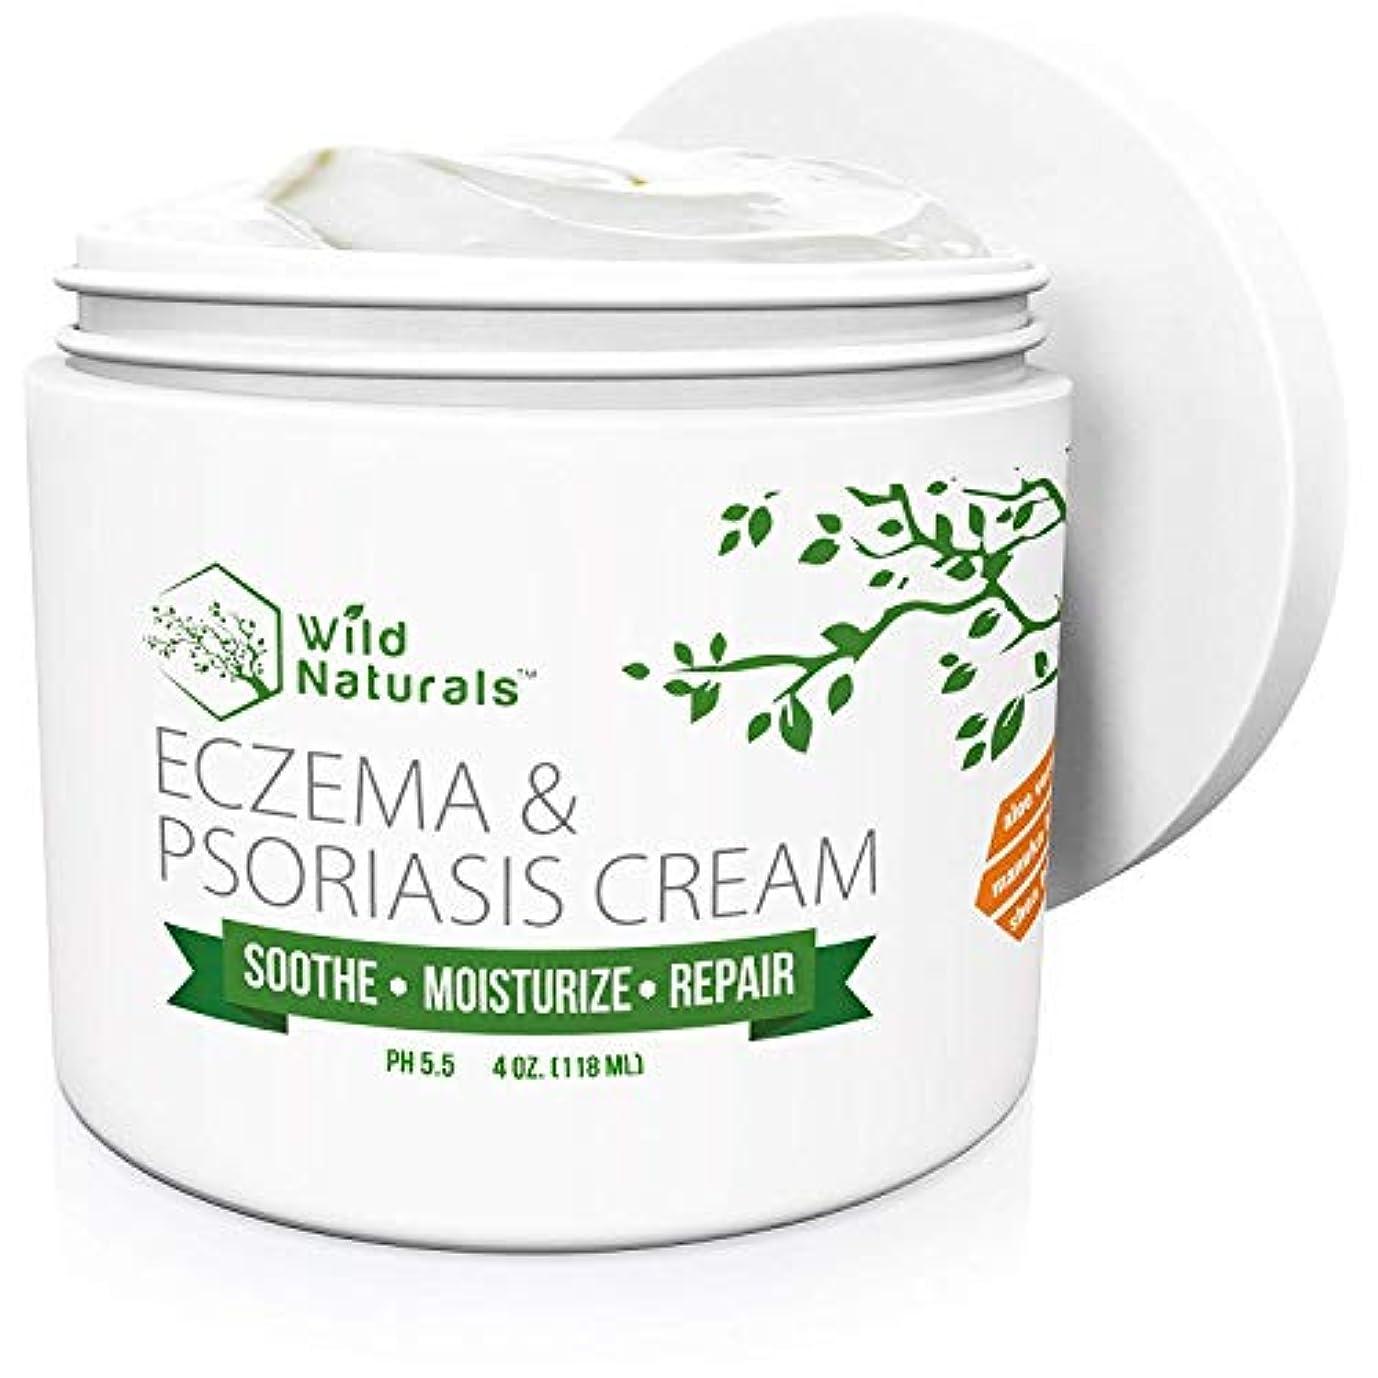 素晴らしい生きているミケランジェロWild Naturals Eczema Psoriasis Cream - for Dry, Irritated Skin, Itch Relief, Dermatitis, Rosacea, and Shingles. Natural 15-in-1 Formula Promotes Healing and Calms Redness, Rash and Itching Fast [並行輸入品]